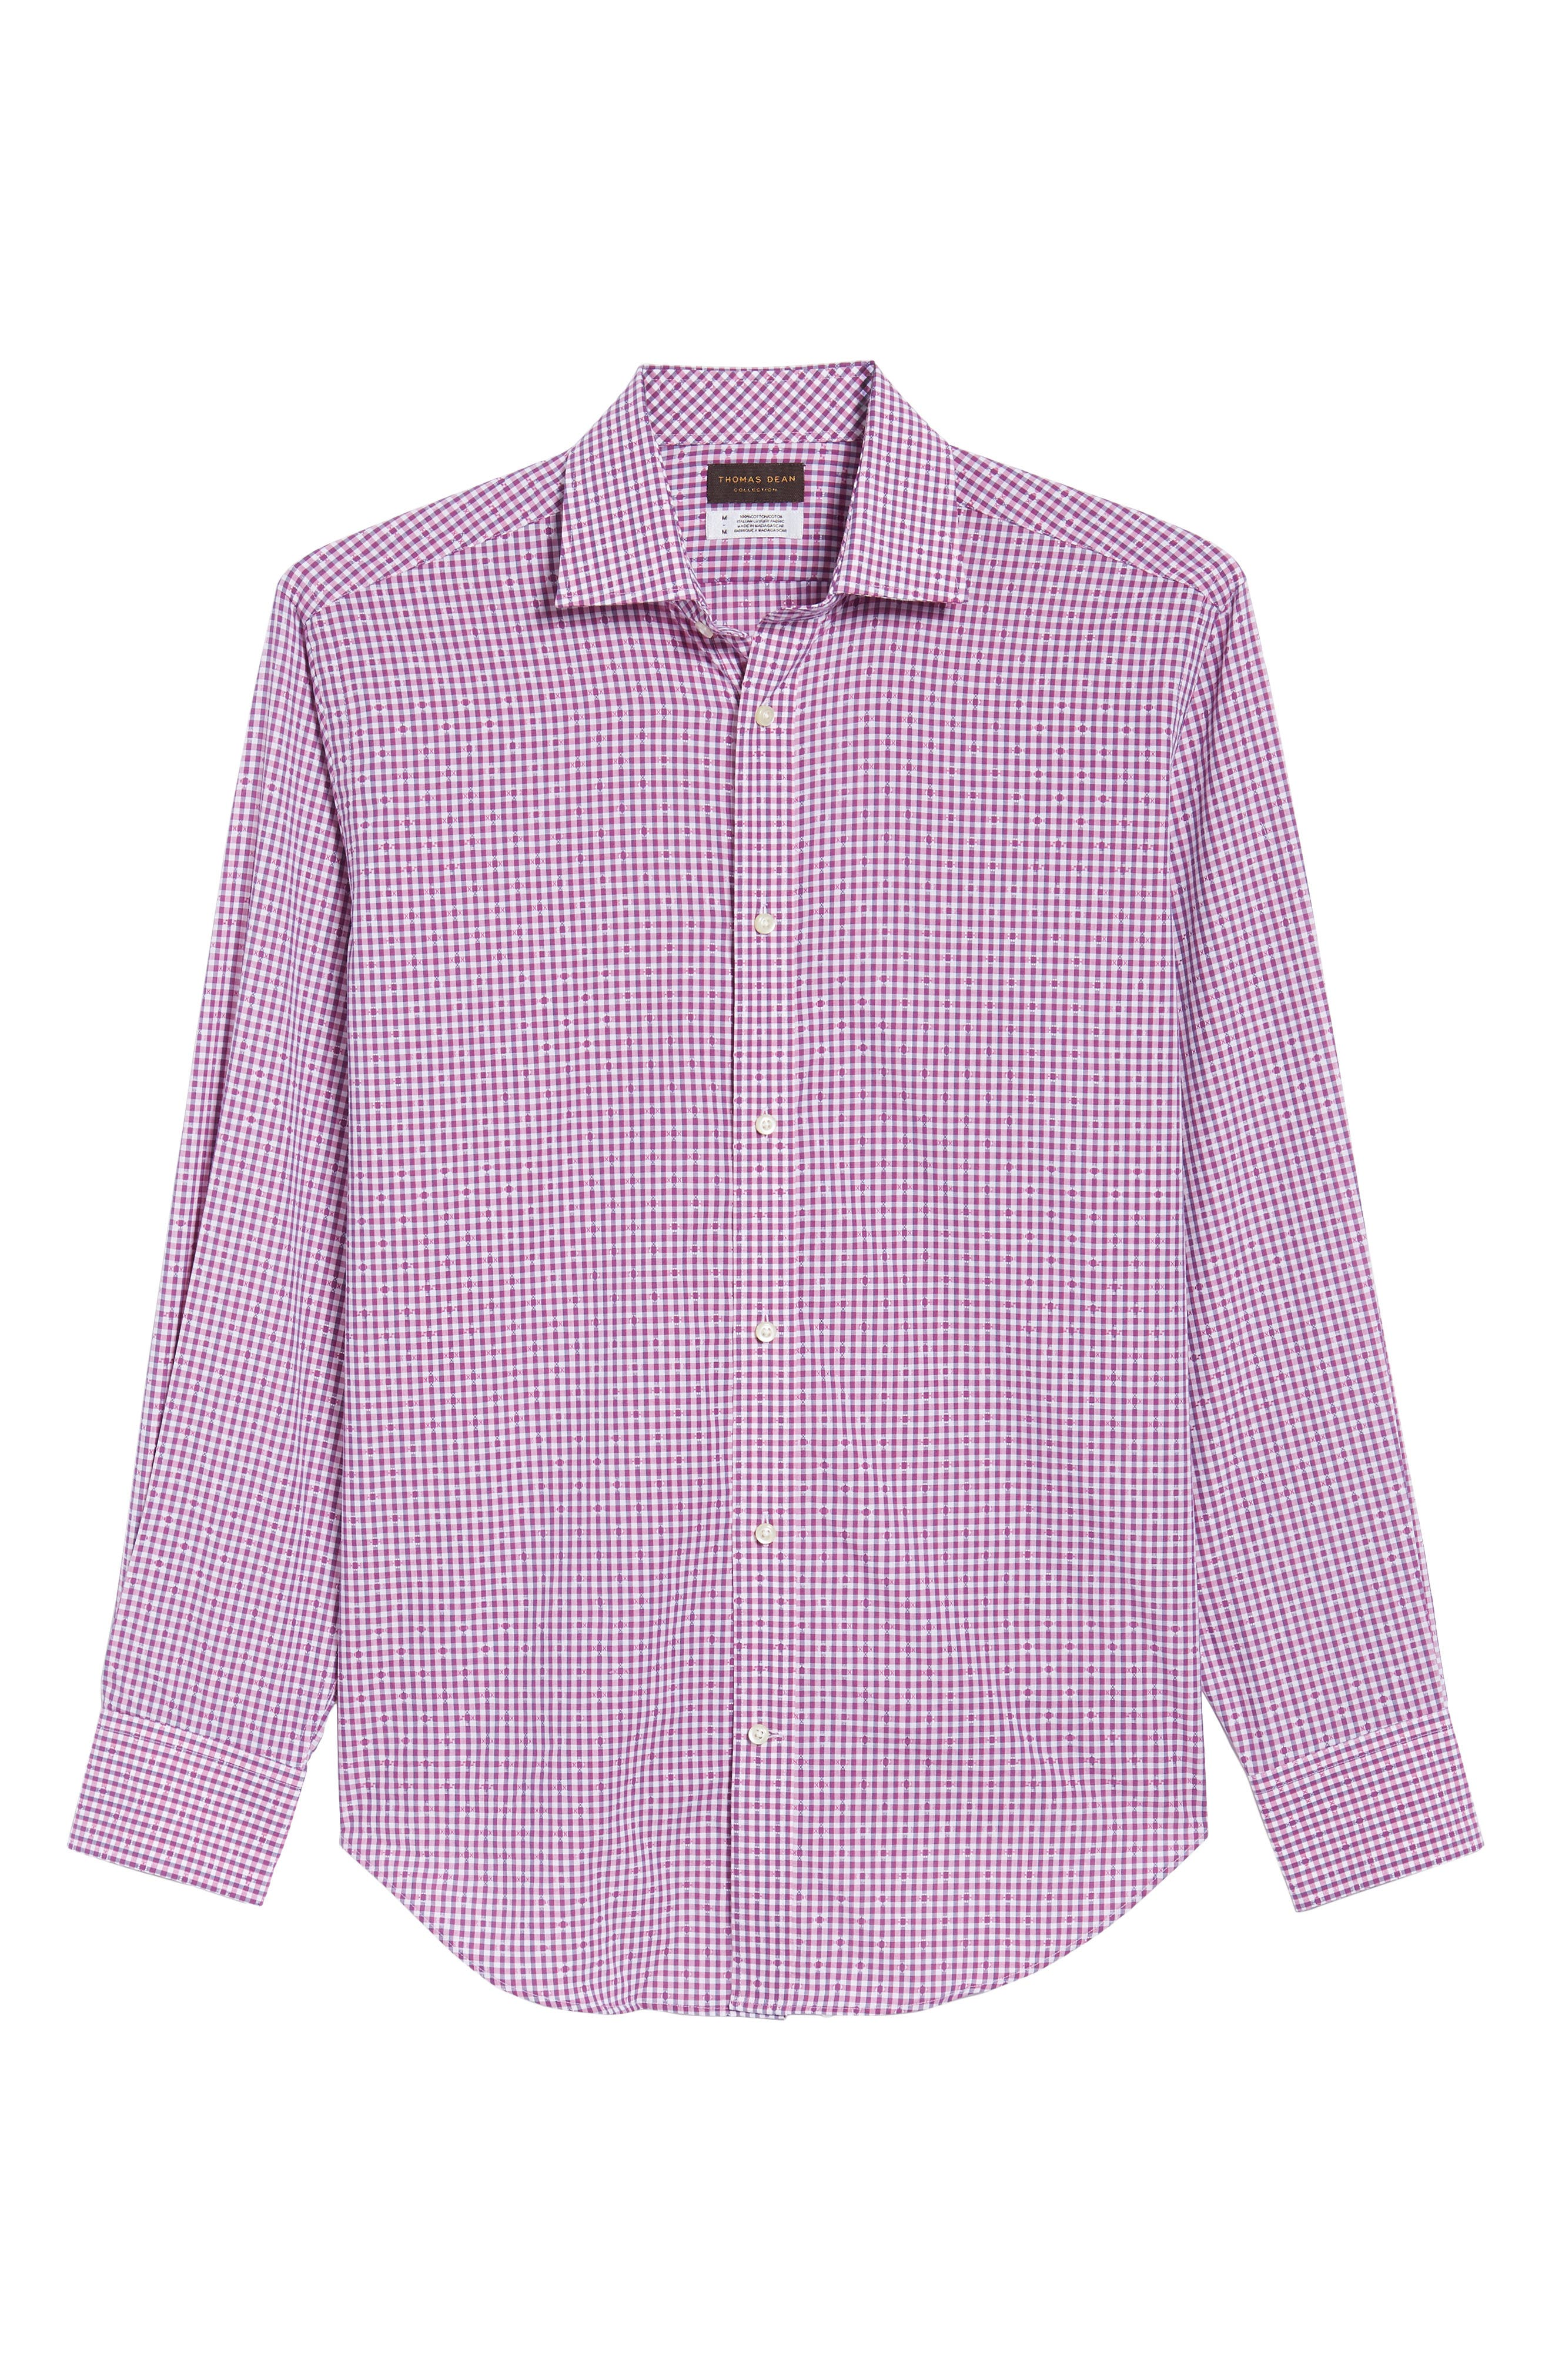 Mini Check Sport Shirt,                             Alternate thumbnail 12, color,